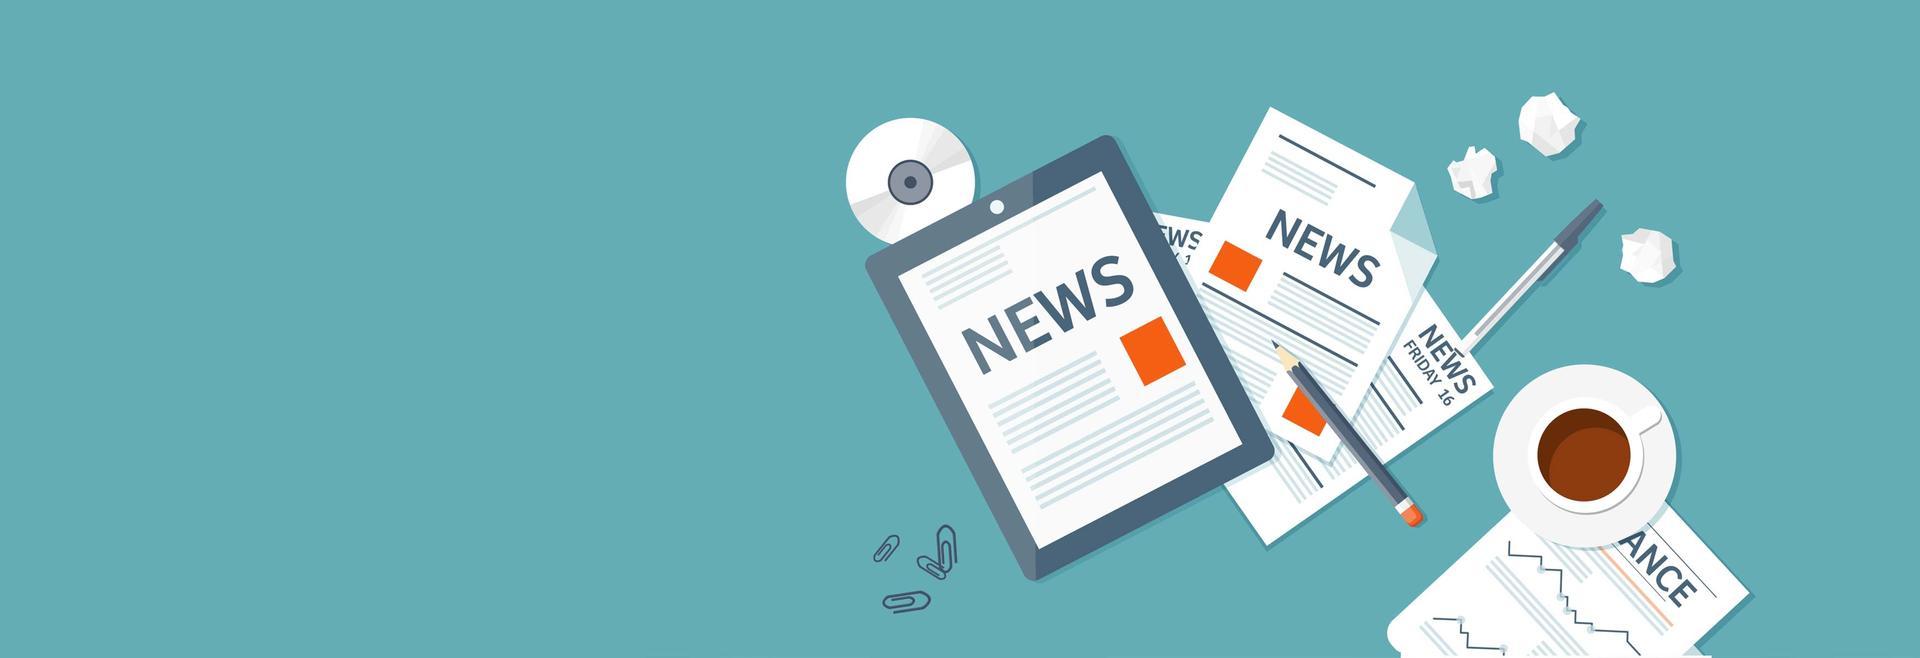 News - Aktuelle Kundeninformationen: Hier finden Sie aktuelle Informationen zu: Lieferzeiten • Modelländerungen • Neuen Modellen • Allgemeinen Informationen.